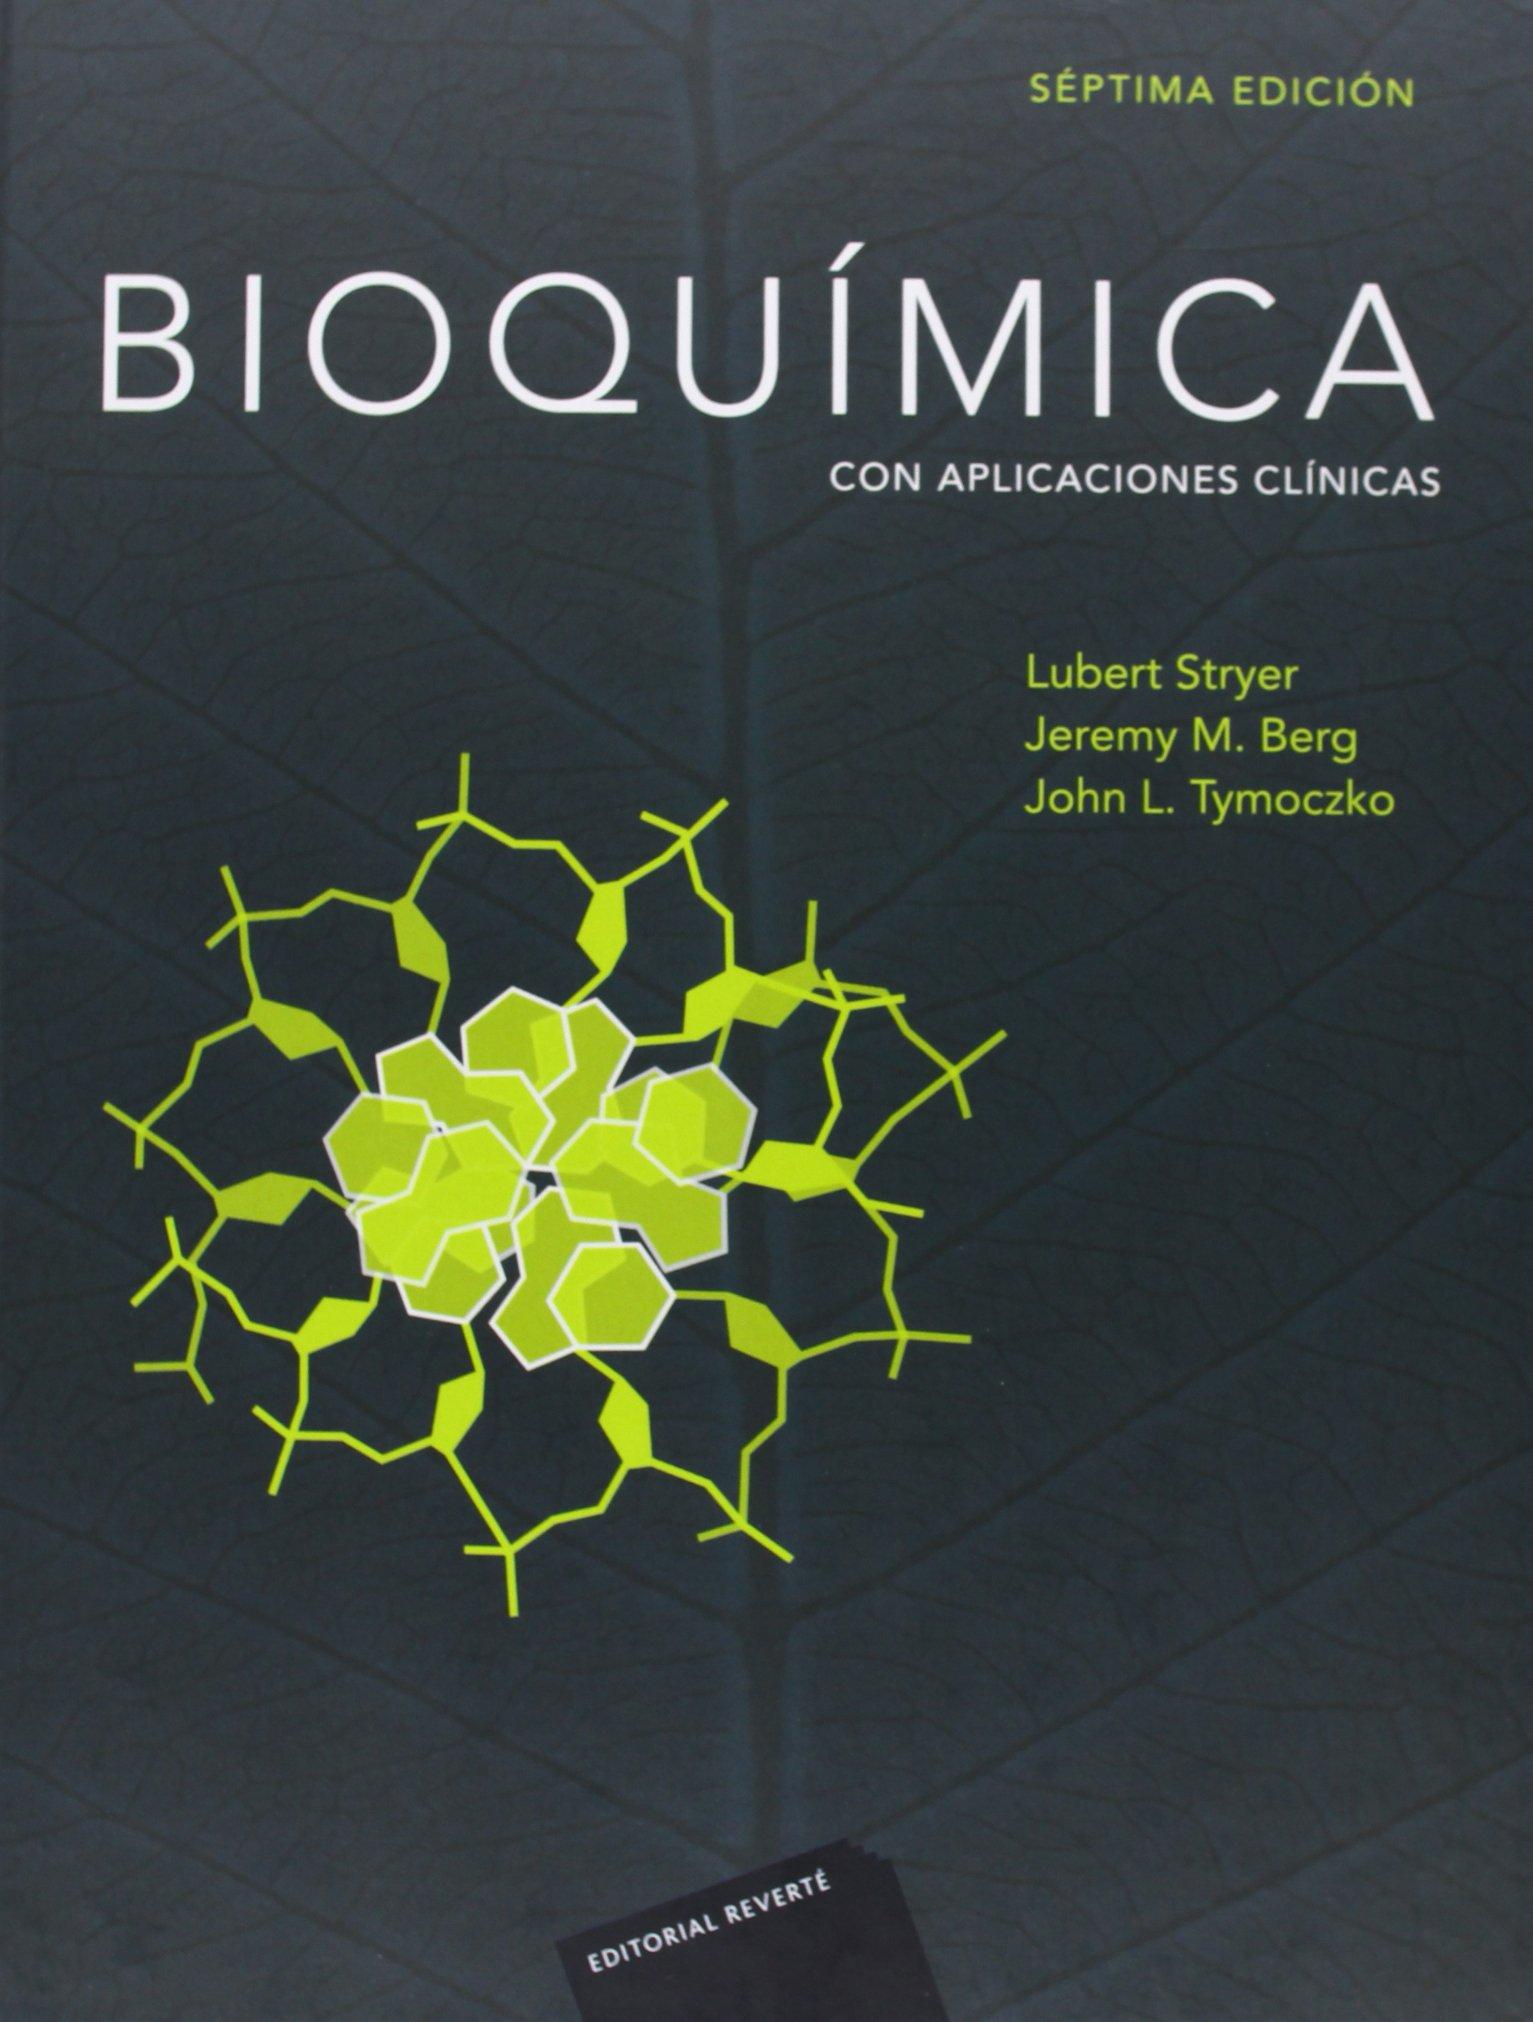 bioquimica stryer